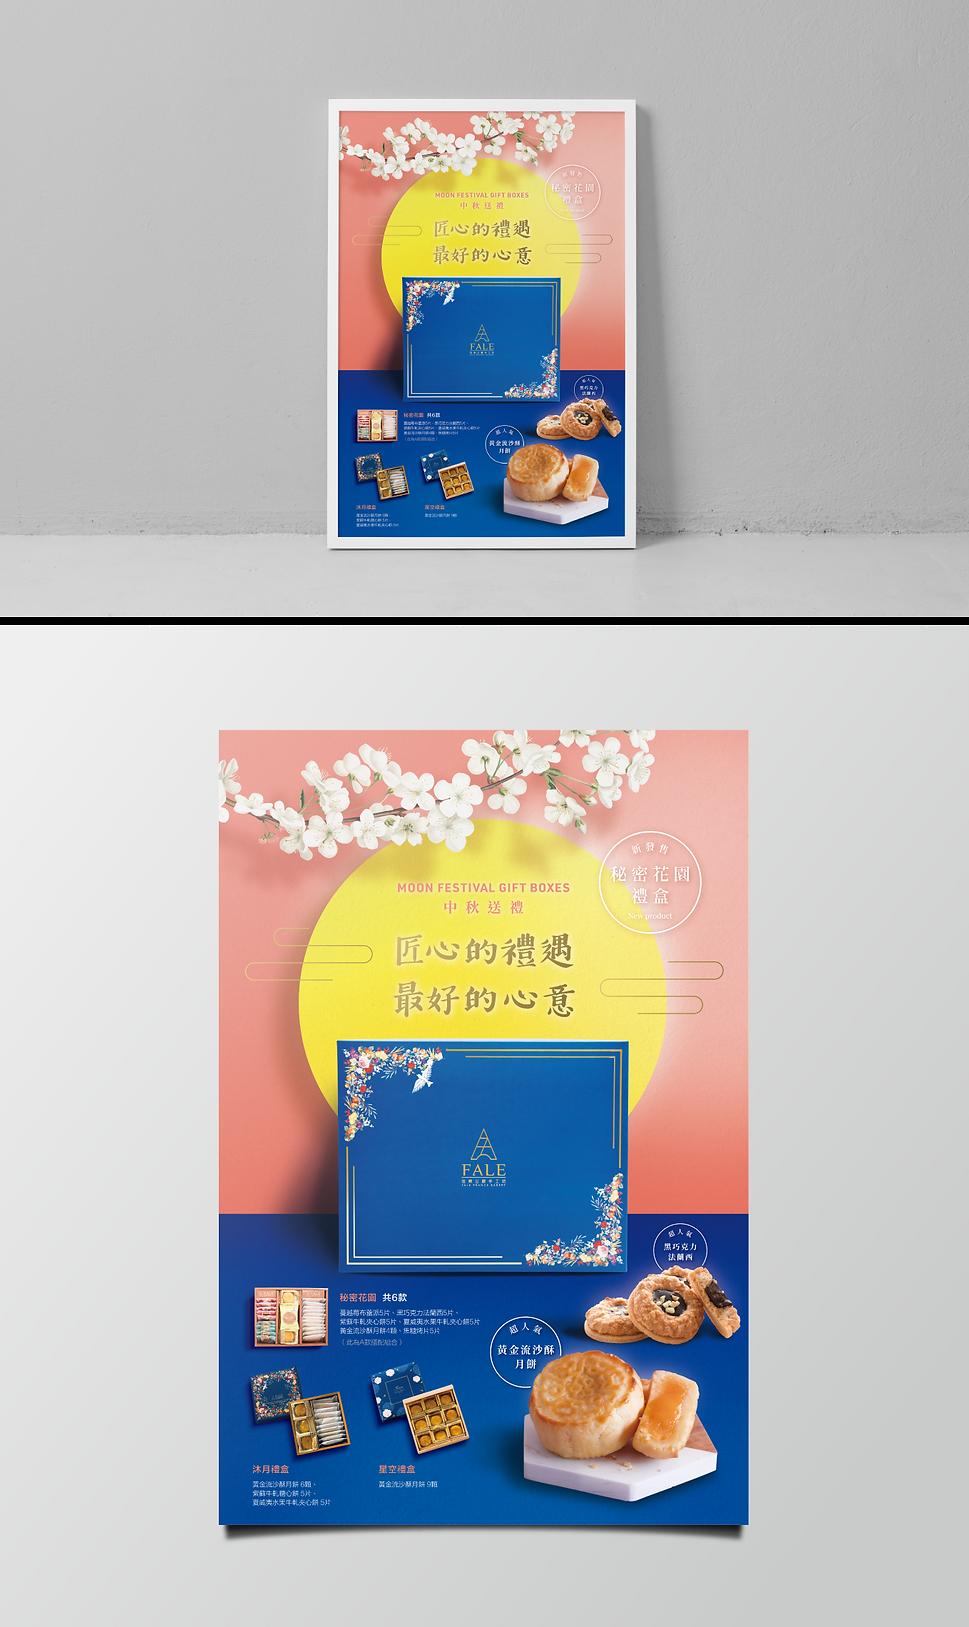 法樂公爵 海報設計_工作區域 1.png